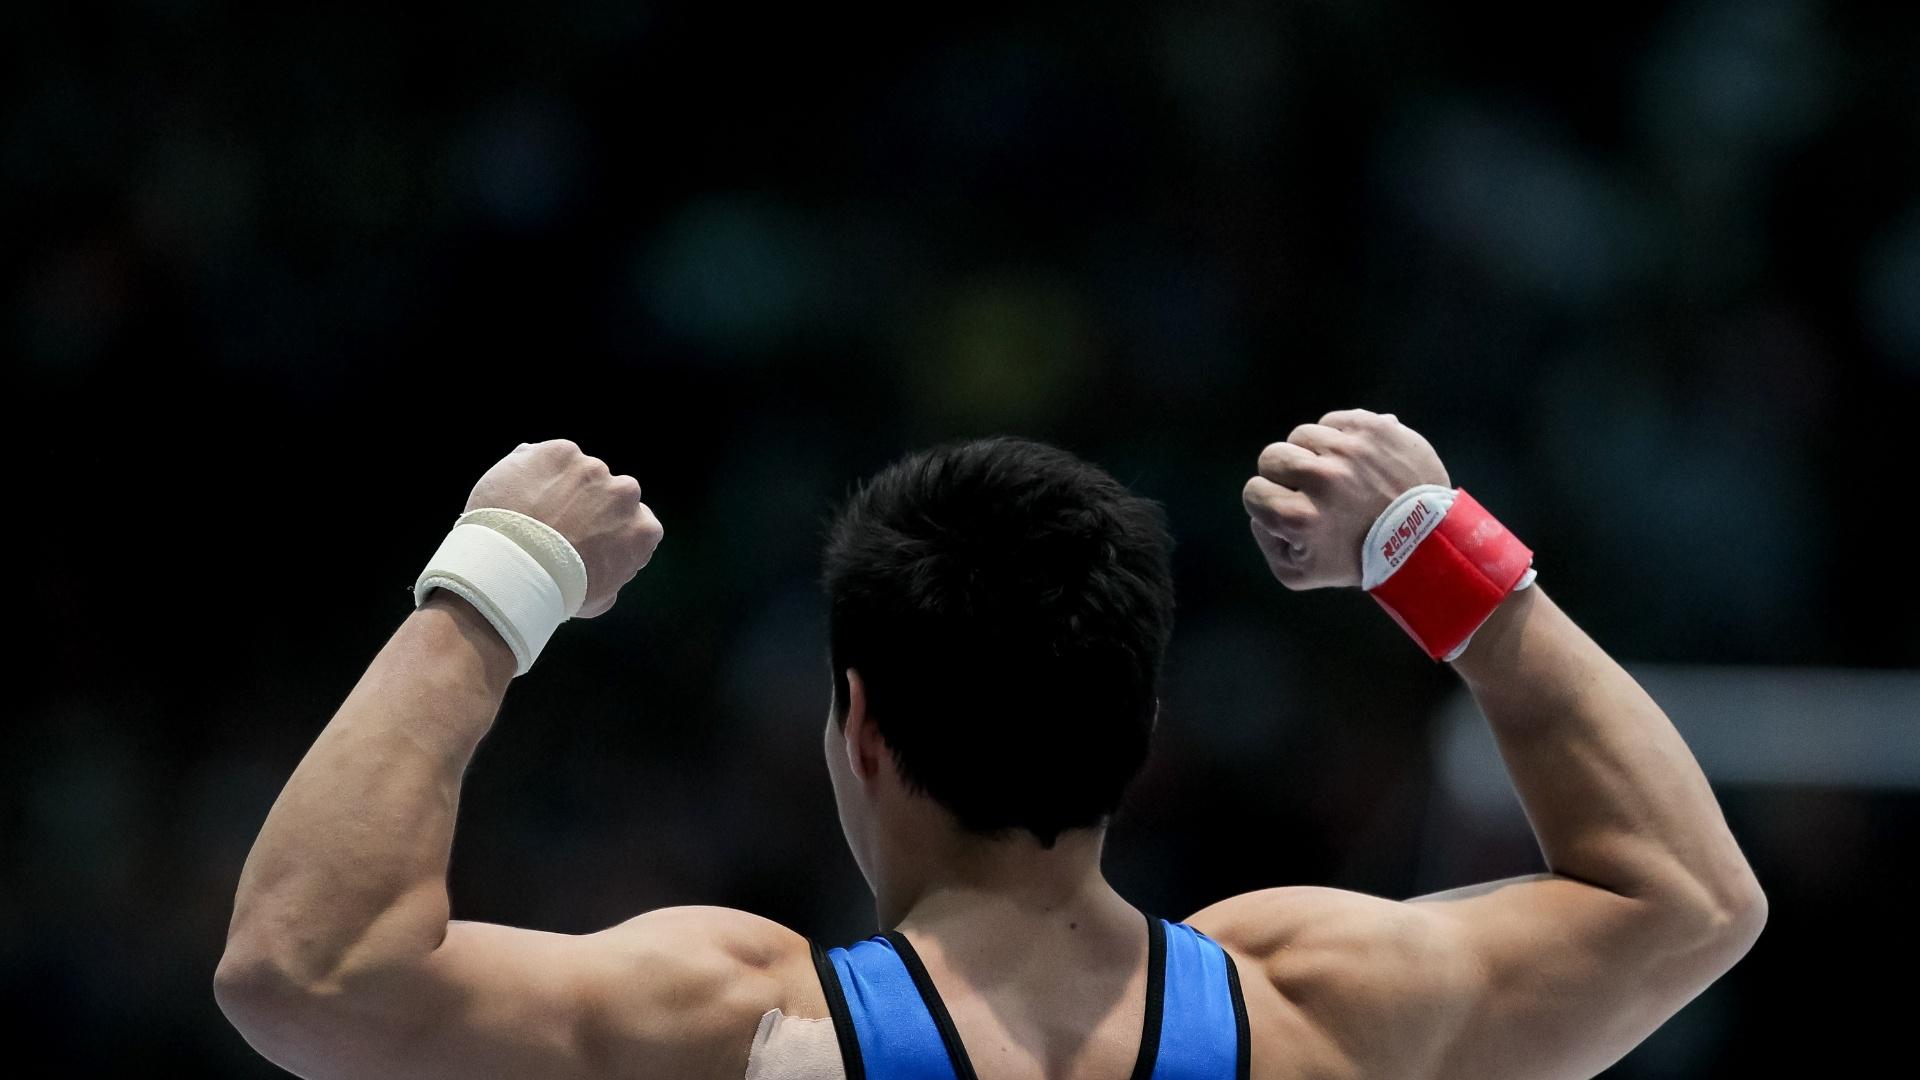 06.10.2013 - Sergio Sasaki comemora após sua apresentação na final do salto no Mundial da Antuérpia